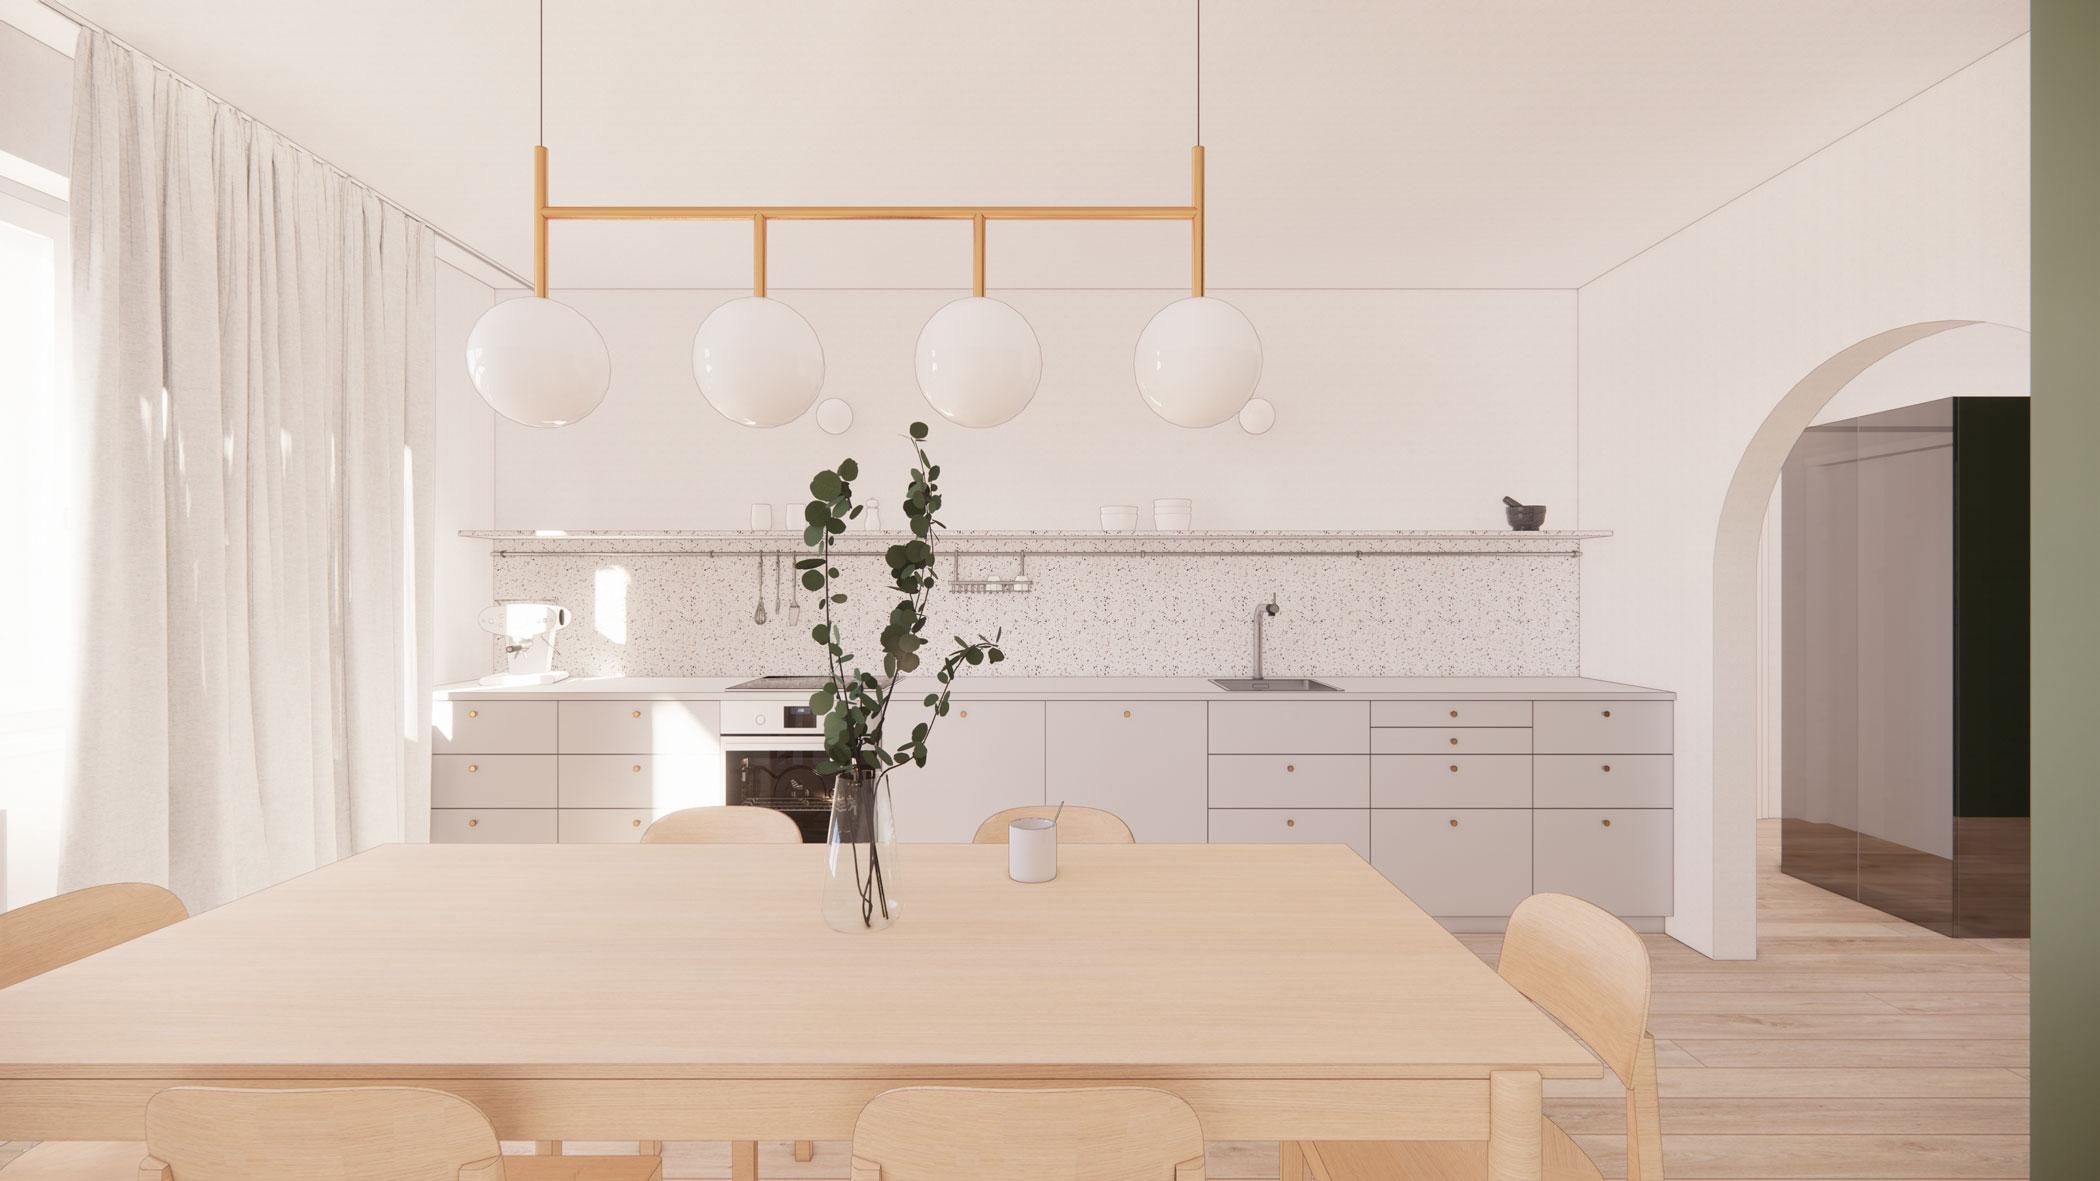 noiz-architekti-interier-byt-pifflova-05